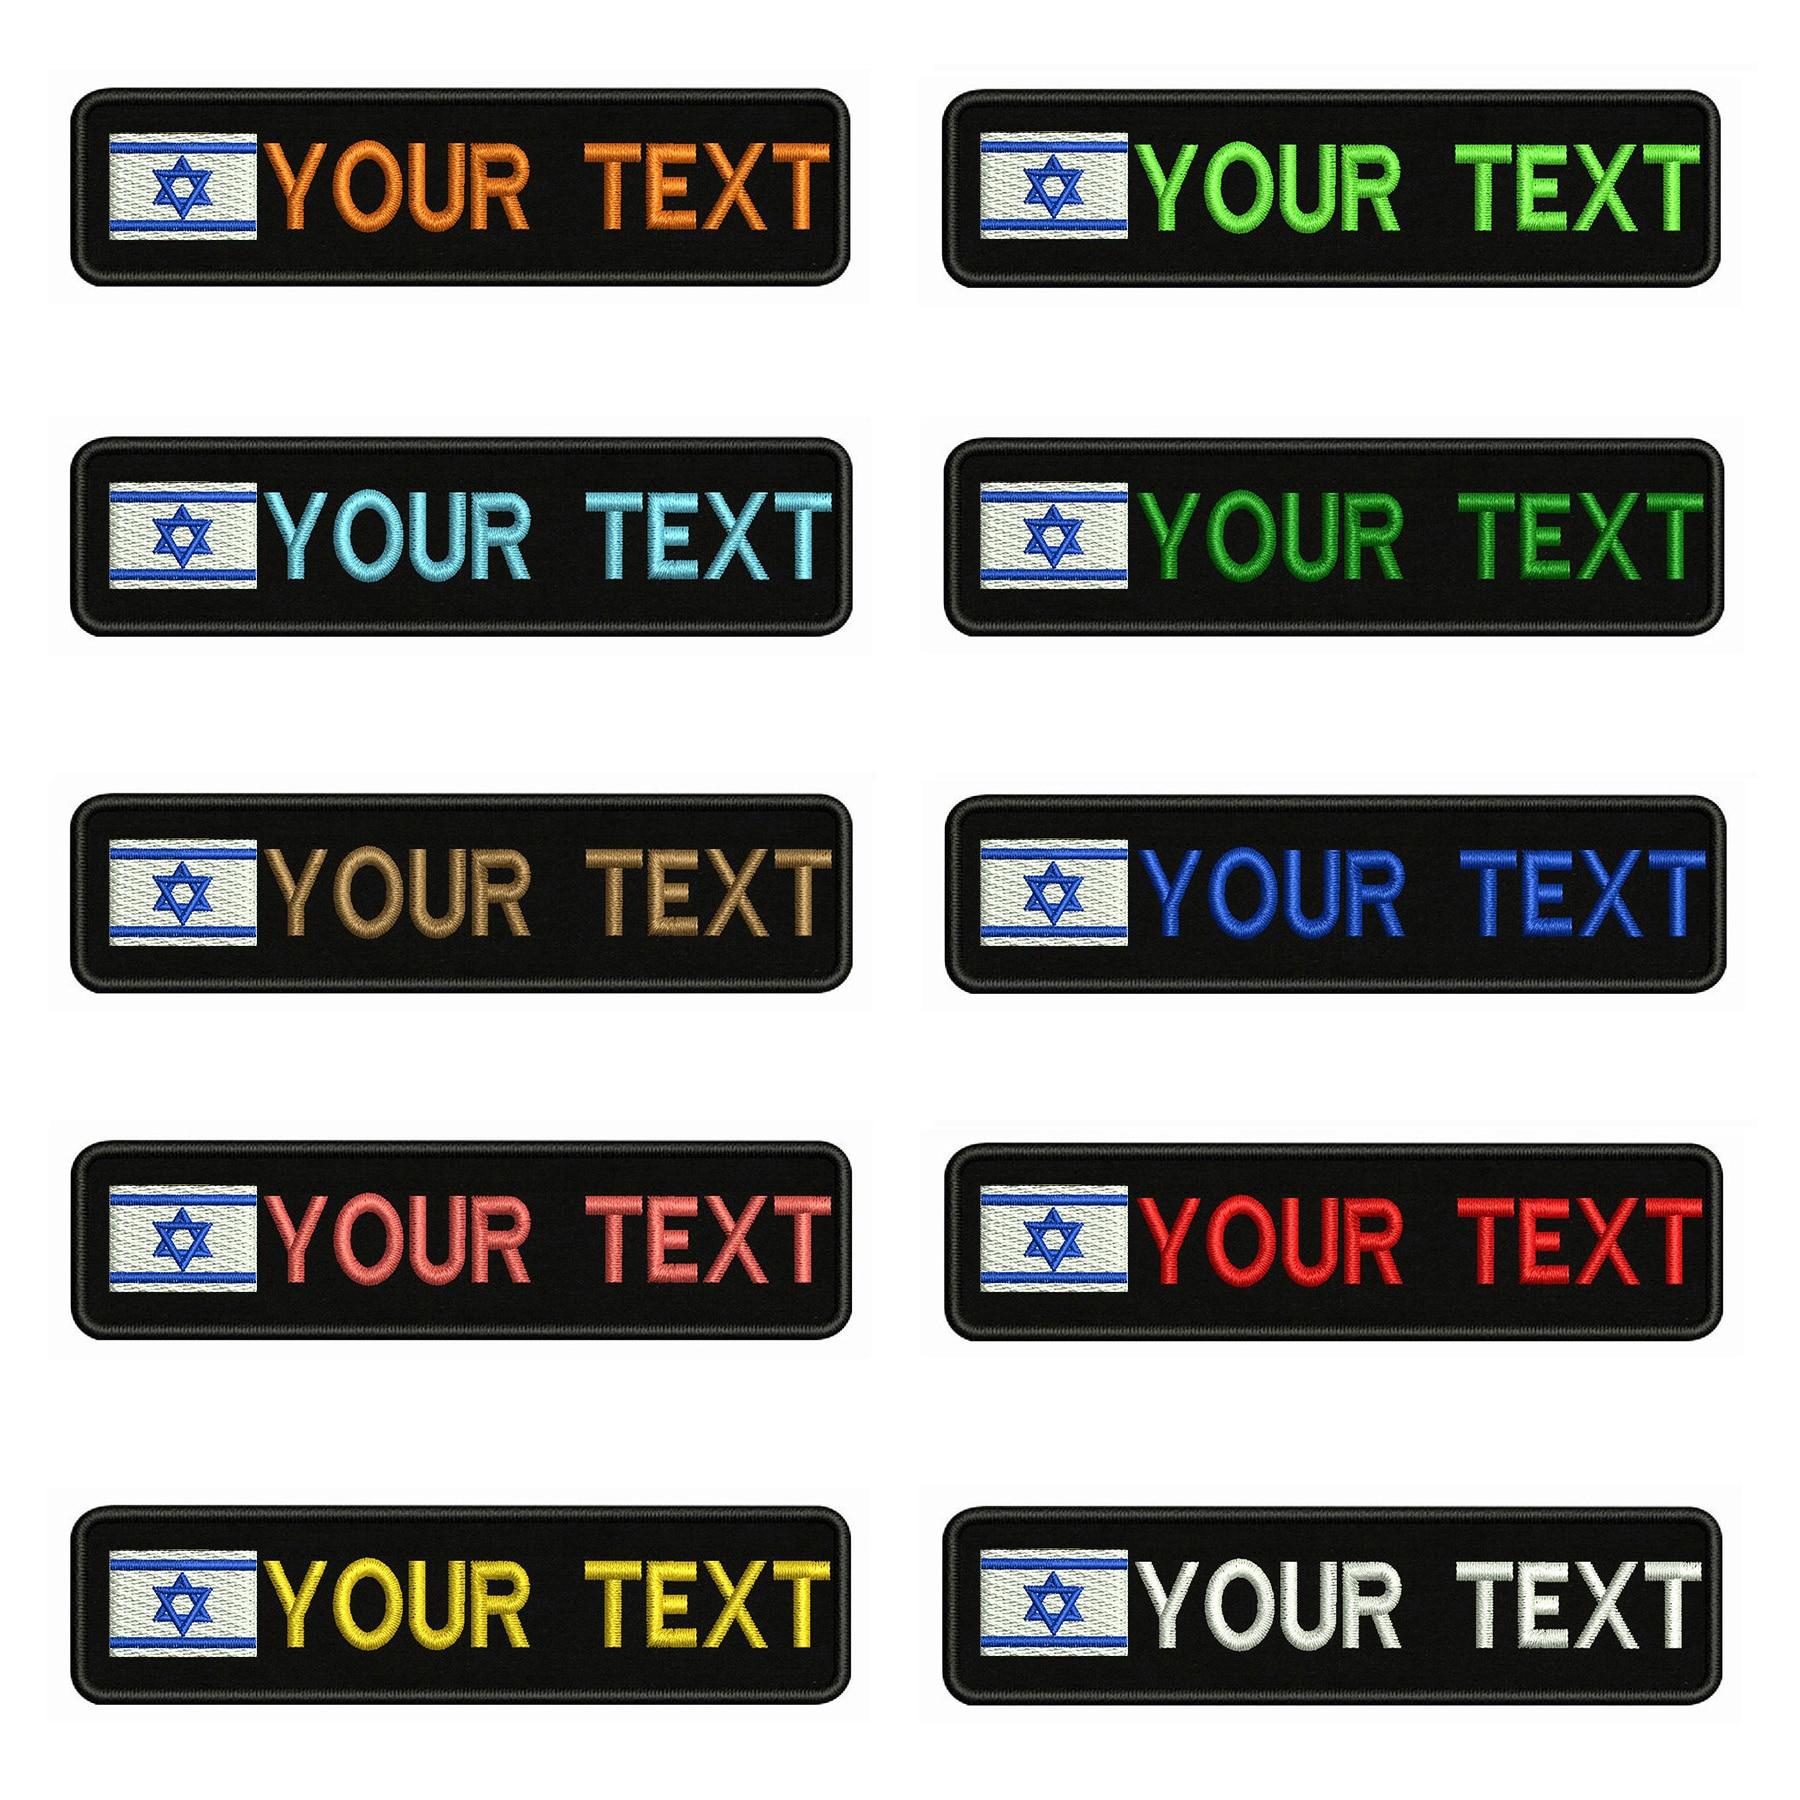 Флаг Израиля вышивка пользовательское имя заплатка с текстом полосы значок утюжить или пришить на или липучке подложки патчи для одежды рюкзак шляпа